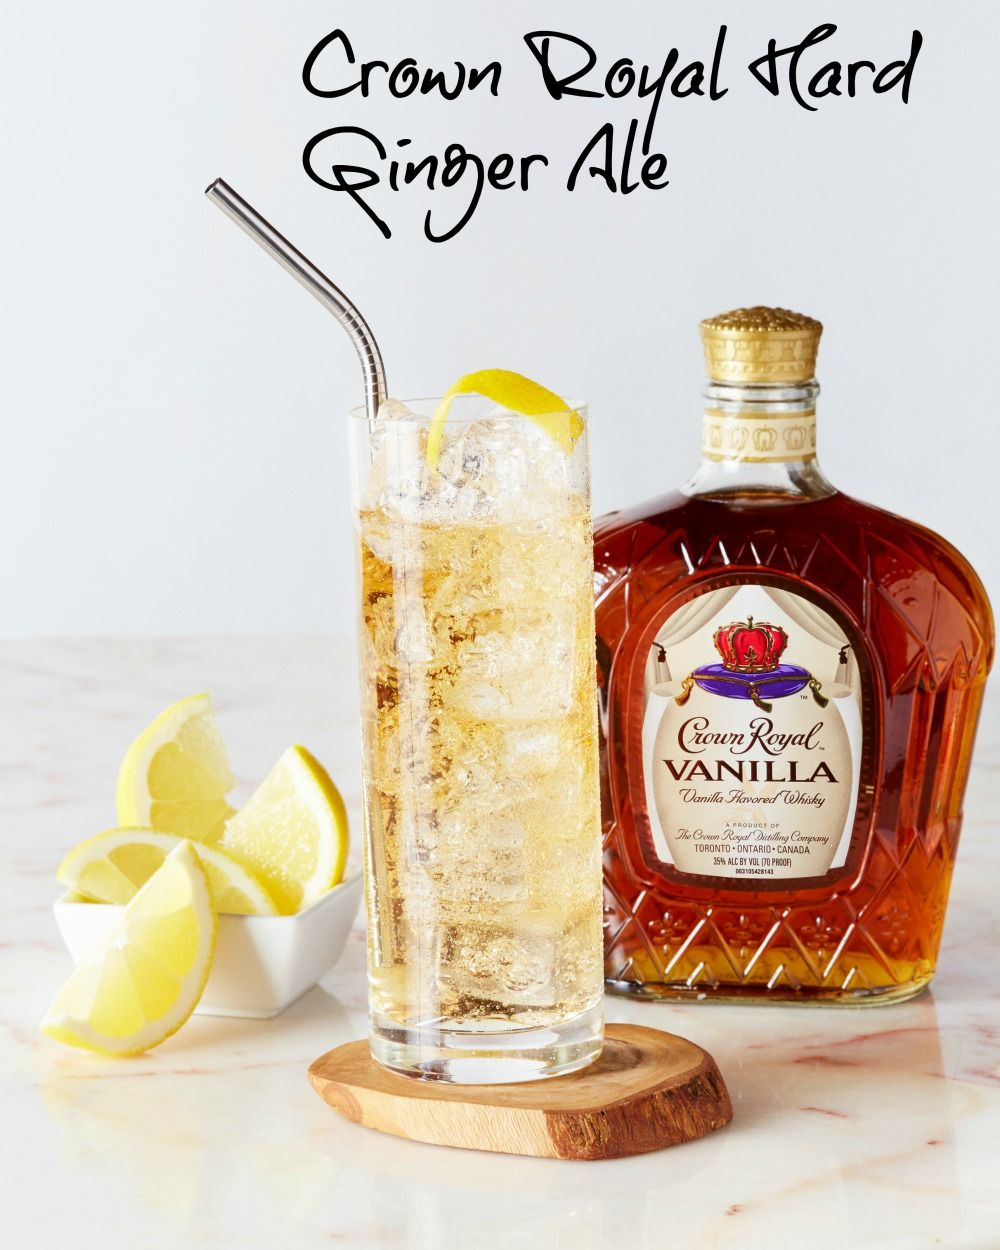 Crown Royal Vanilla Cocktail Recipes …